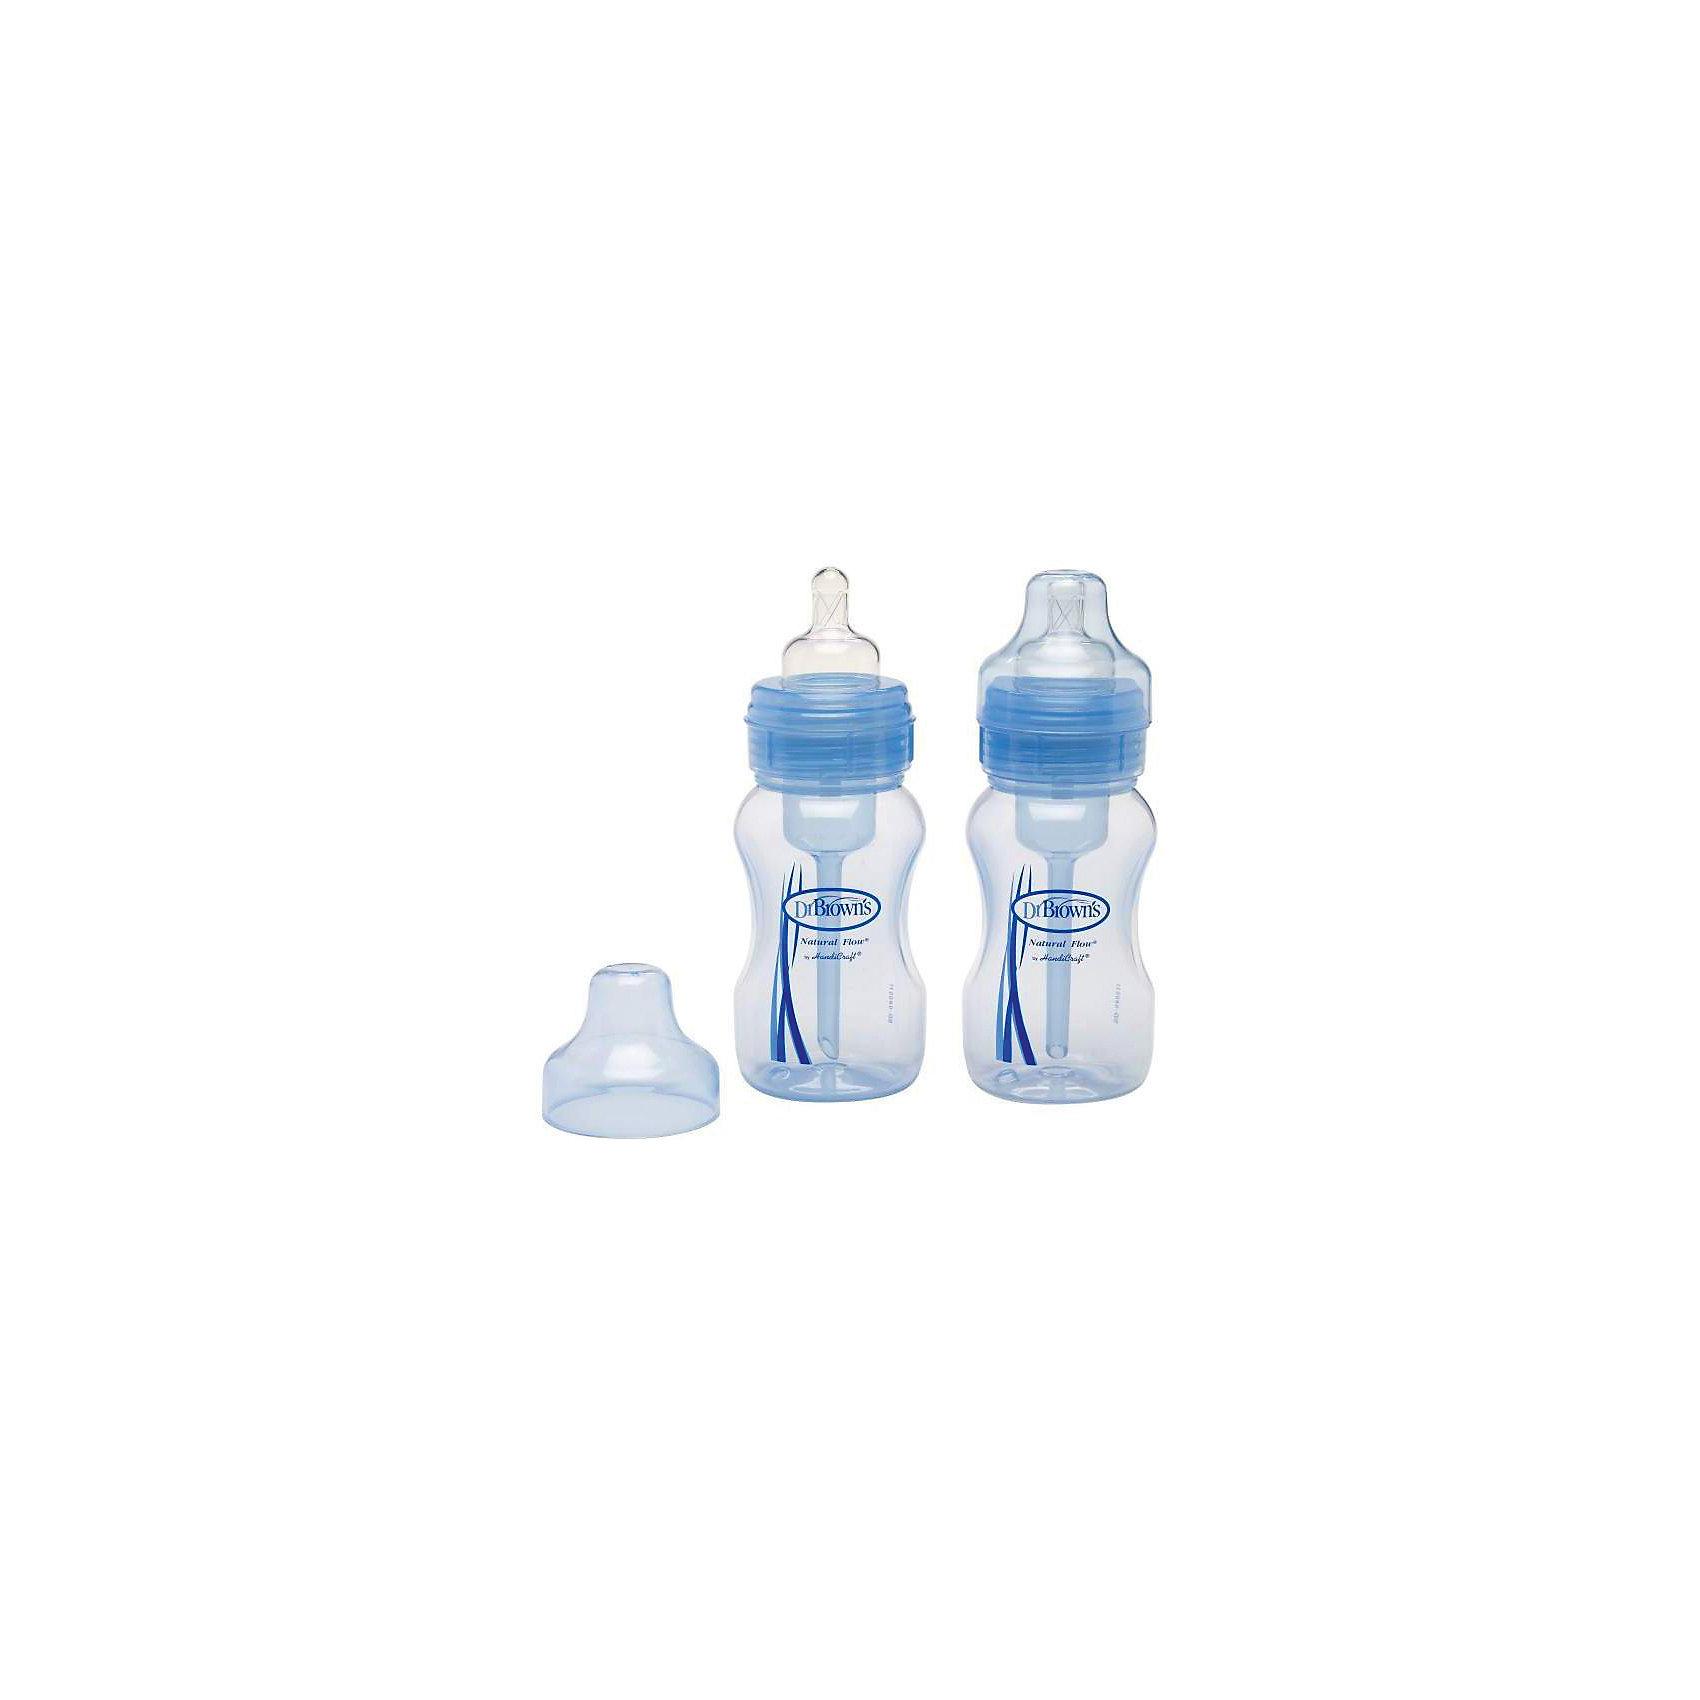 Набор из 2-х бутылочек с широким горлышком 240 мл, полипропилен, Dr. Brown, синийИдеи подарков<br>Две бутылочки для кормления малыша с широким горлышком, создают условия, аналогичные кормлению грудью. Бутылочки прекрасно подходят для смешенного и искусственного вскармливания, а уникальная вентиляционная система сведет к минимуму контакт воздуха с грудным молоком, сохраняя такие важные питательные вещества как витамины С, А и Е.<br><br>Дополнительная информация:<br><br>- Возраст: от 0 до 3 месяцев.<br>- Объем: 240 мл.<br>- Количество: 2 шт.<br>- Материал: полипропилен.<br>- Цвет: синий.<br><br>Купить набор из двух бутылочек с широким горлышком 240 мл., в синем цвете, от Dr. Brown, можно в нашем магазине.<br><br>Ширина мм: 70<br>Глубина мм: 142<br>Высота мм: 230<br>Вес г: 284<br>Возраст от месяцев: -2147483648<br>Возраст до месяцев: 2147483647<br>Пол: Унисекс<br>Возраст: Детский<br>SKU: 4796748